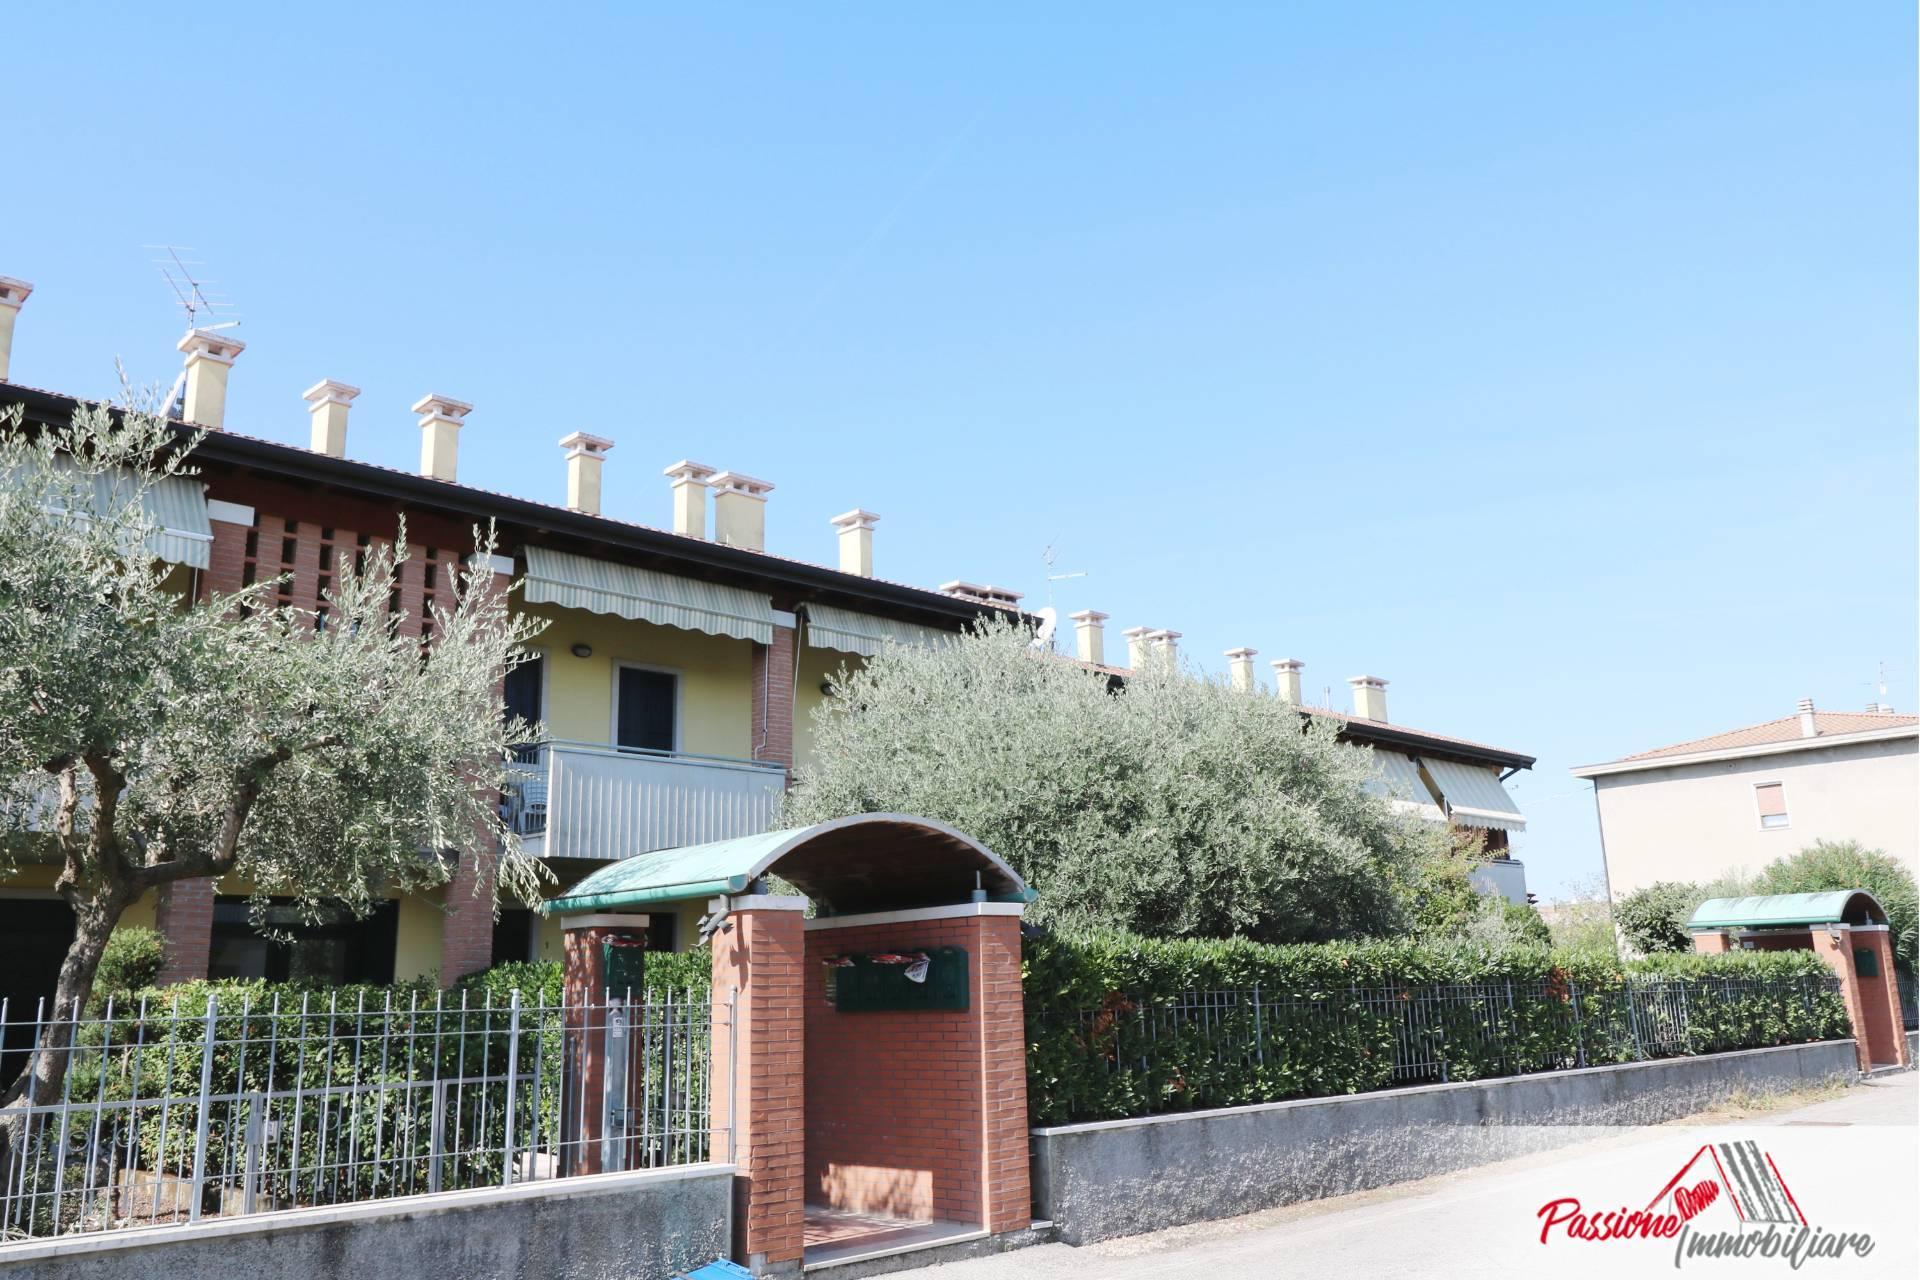 Appartamento in vendita a Sona, 5 locali, zona gnano, prezzo € 264.000   PortaleAgenzieImmobiliari.it